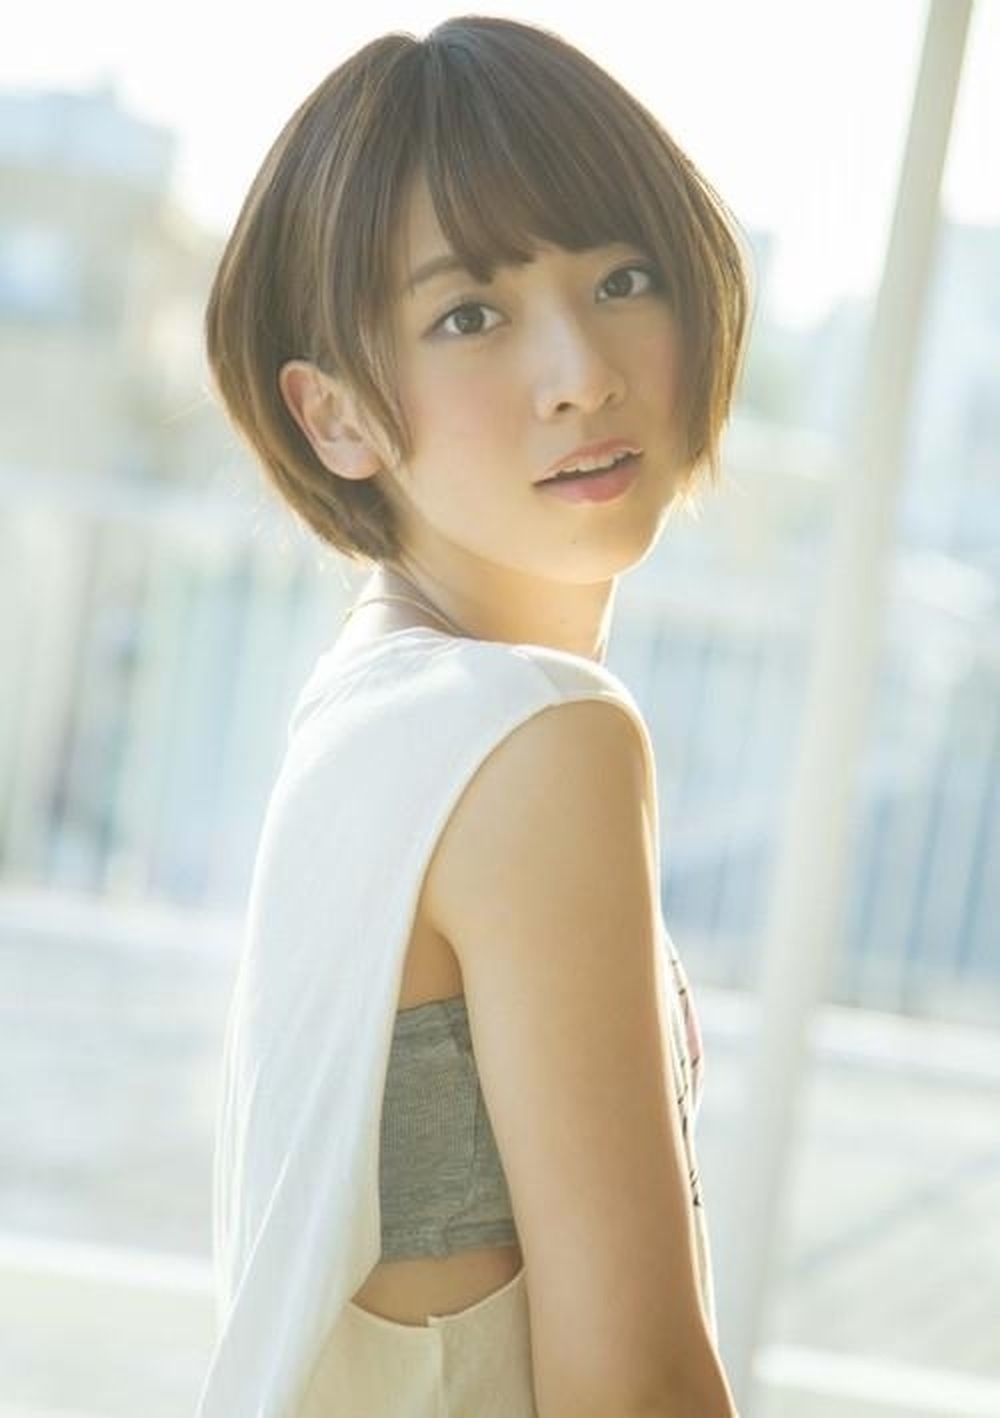 Nanami Hashimoto là nữ thần được yêu thích tại Nhật Bản.